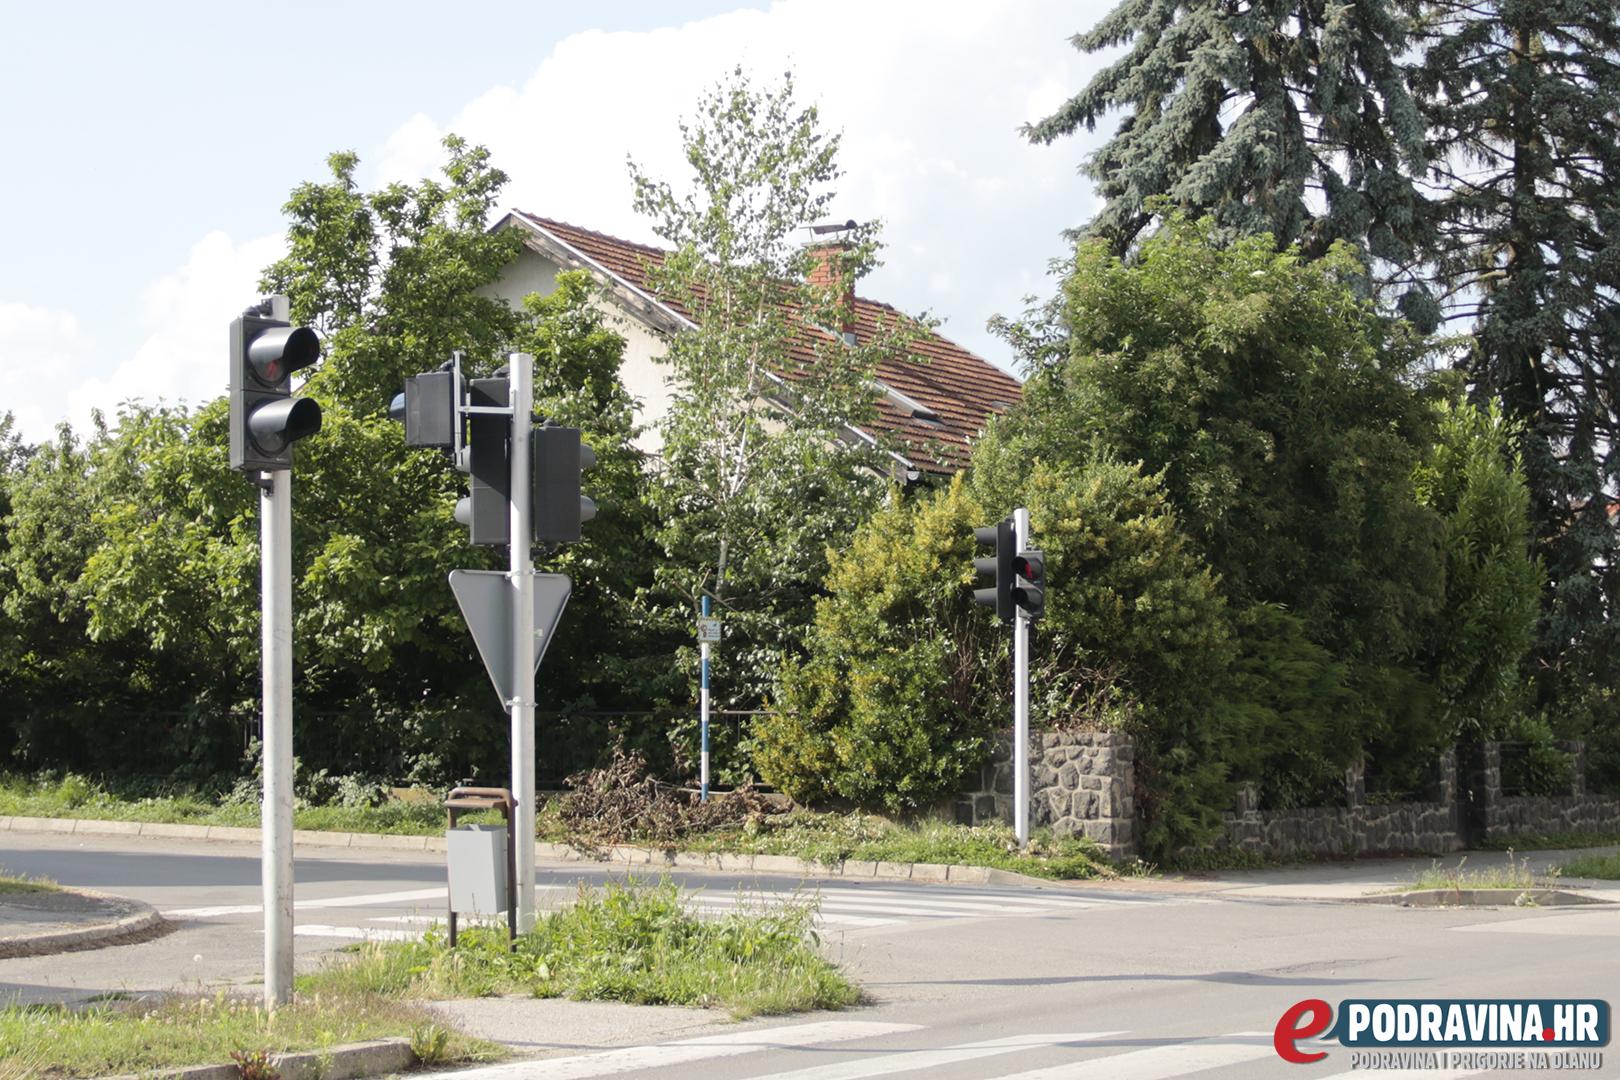 FOTO Zapušteno dvorište u centru grada krije scene iz horor filmova - ePodrav...